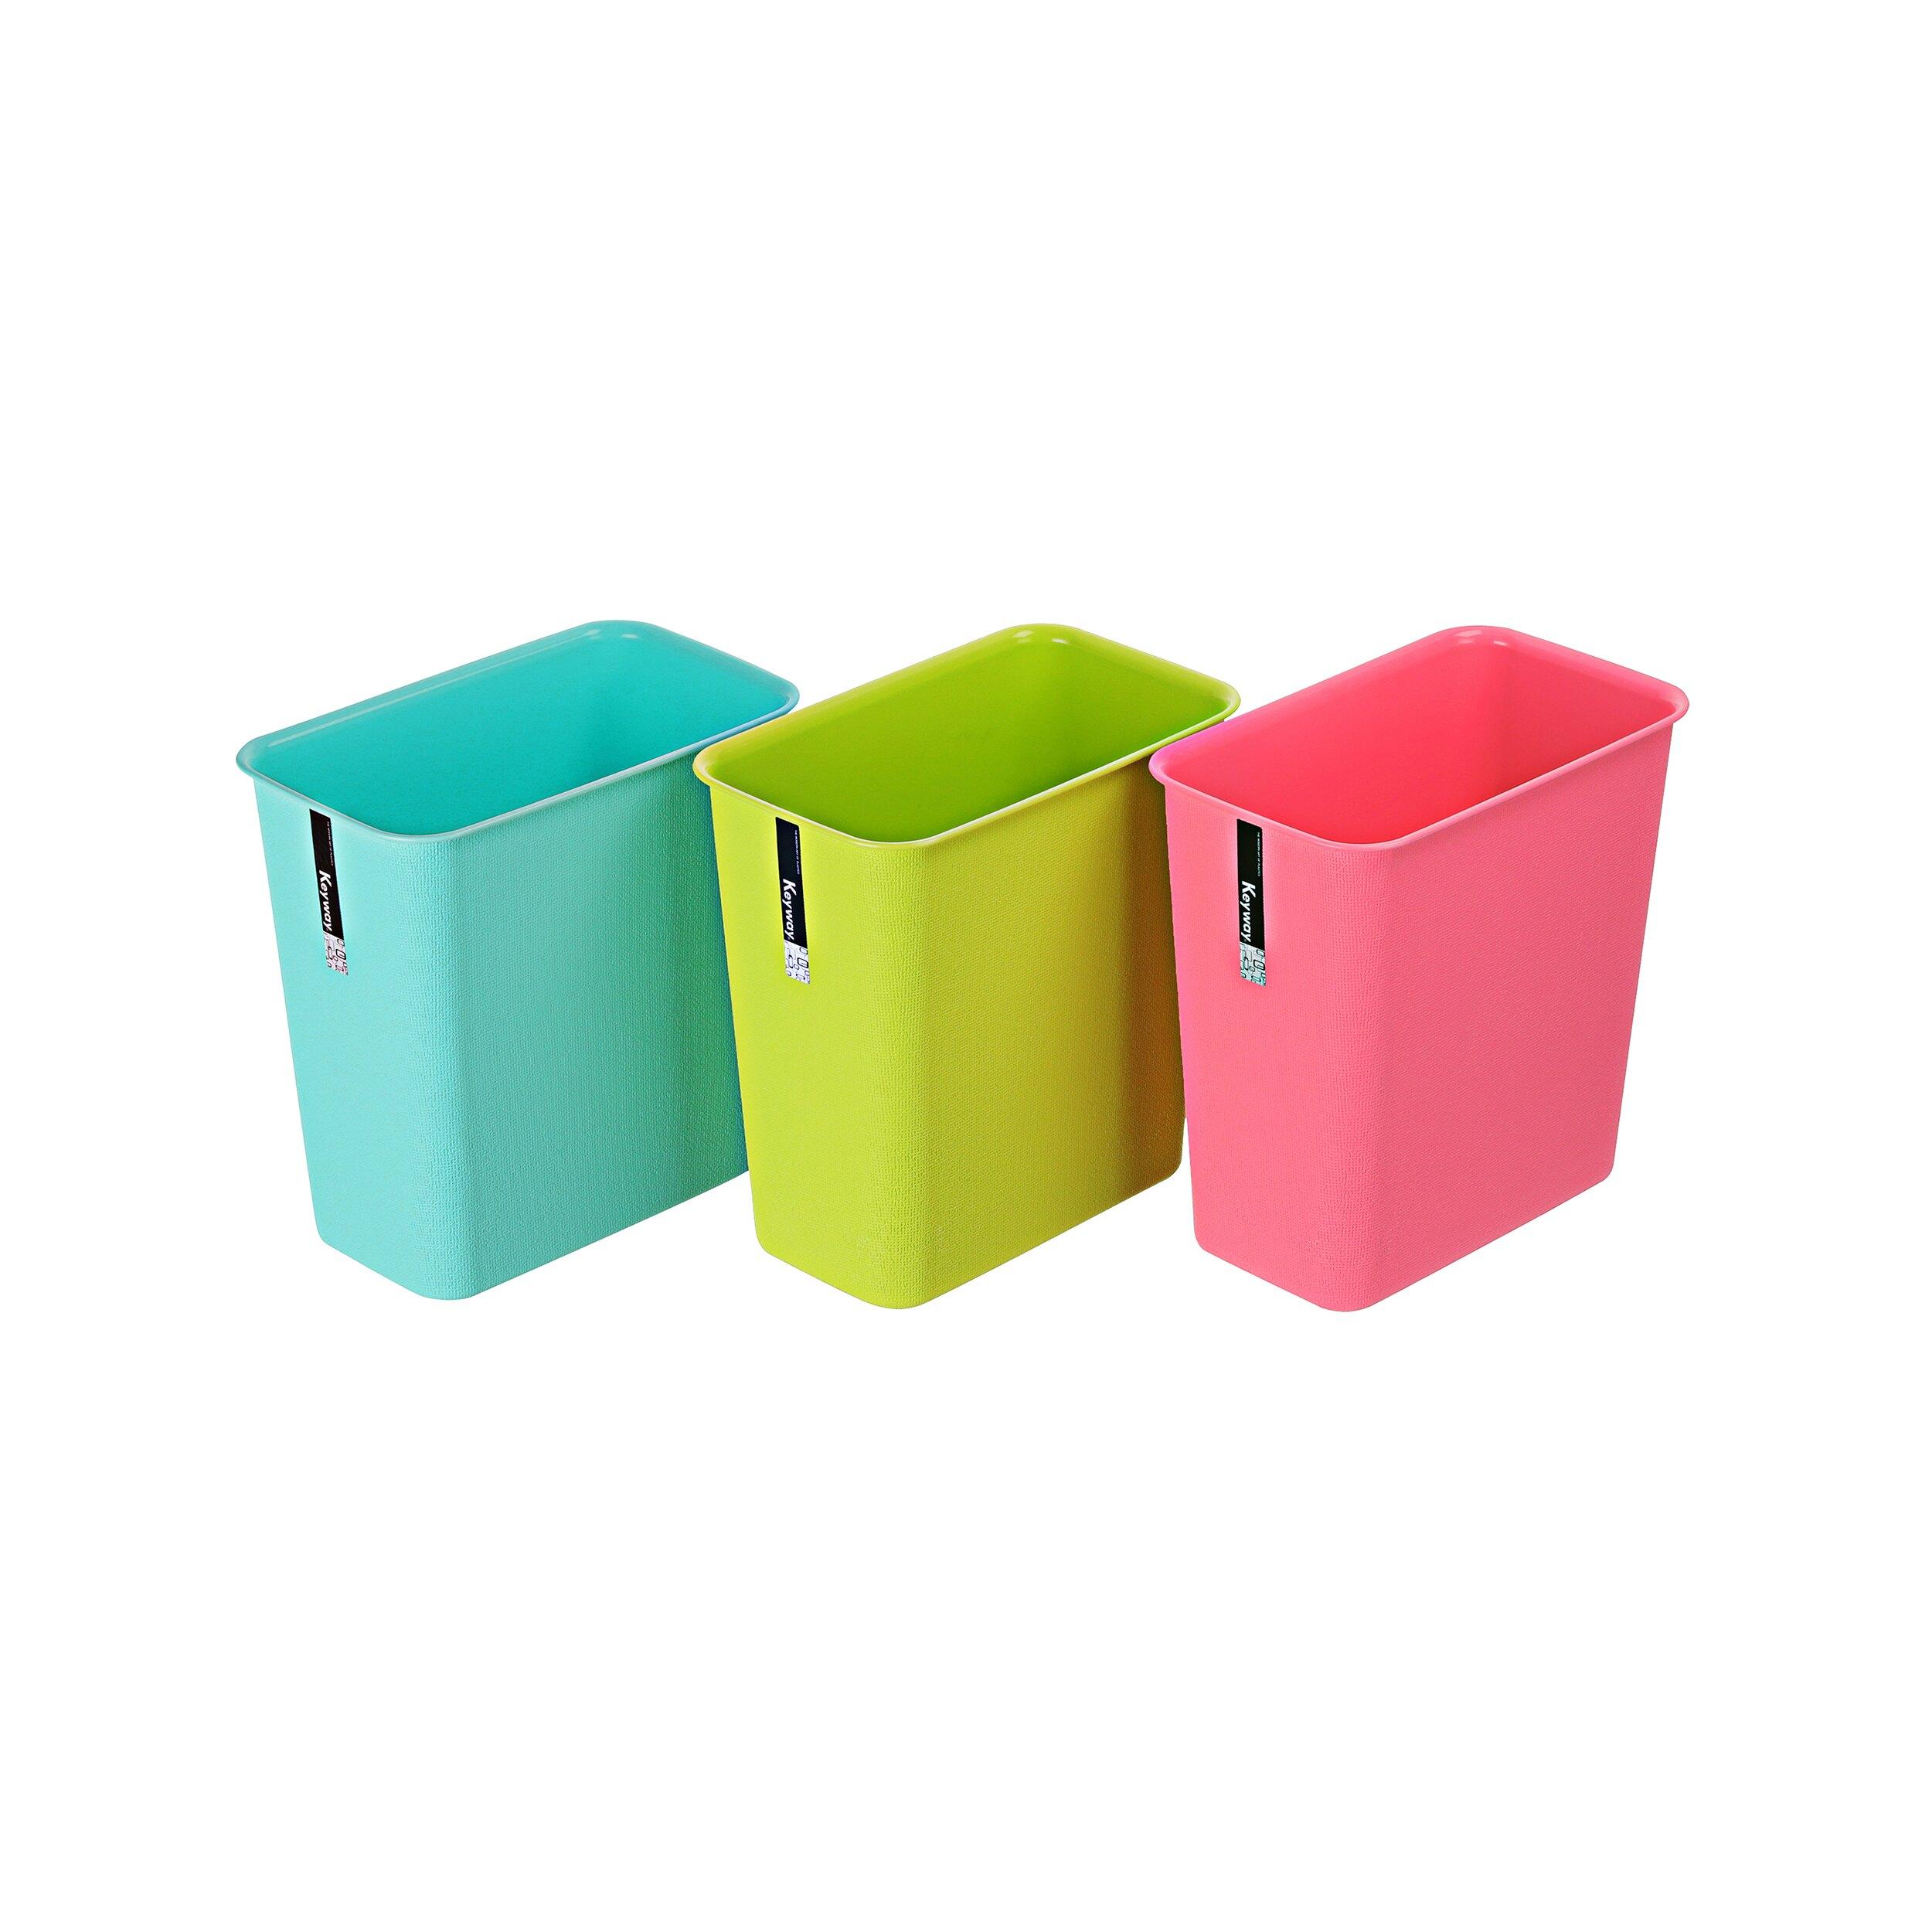 長型垃圾桶/色彩風格/MIT台灣製造  中彩虹垃圾桶(長型)  C9302 KEYWAY聯府